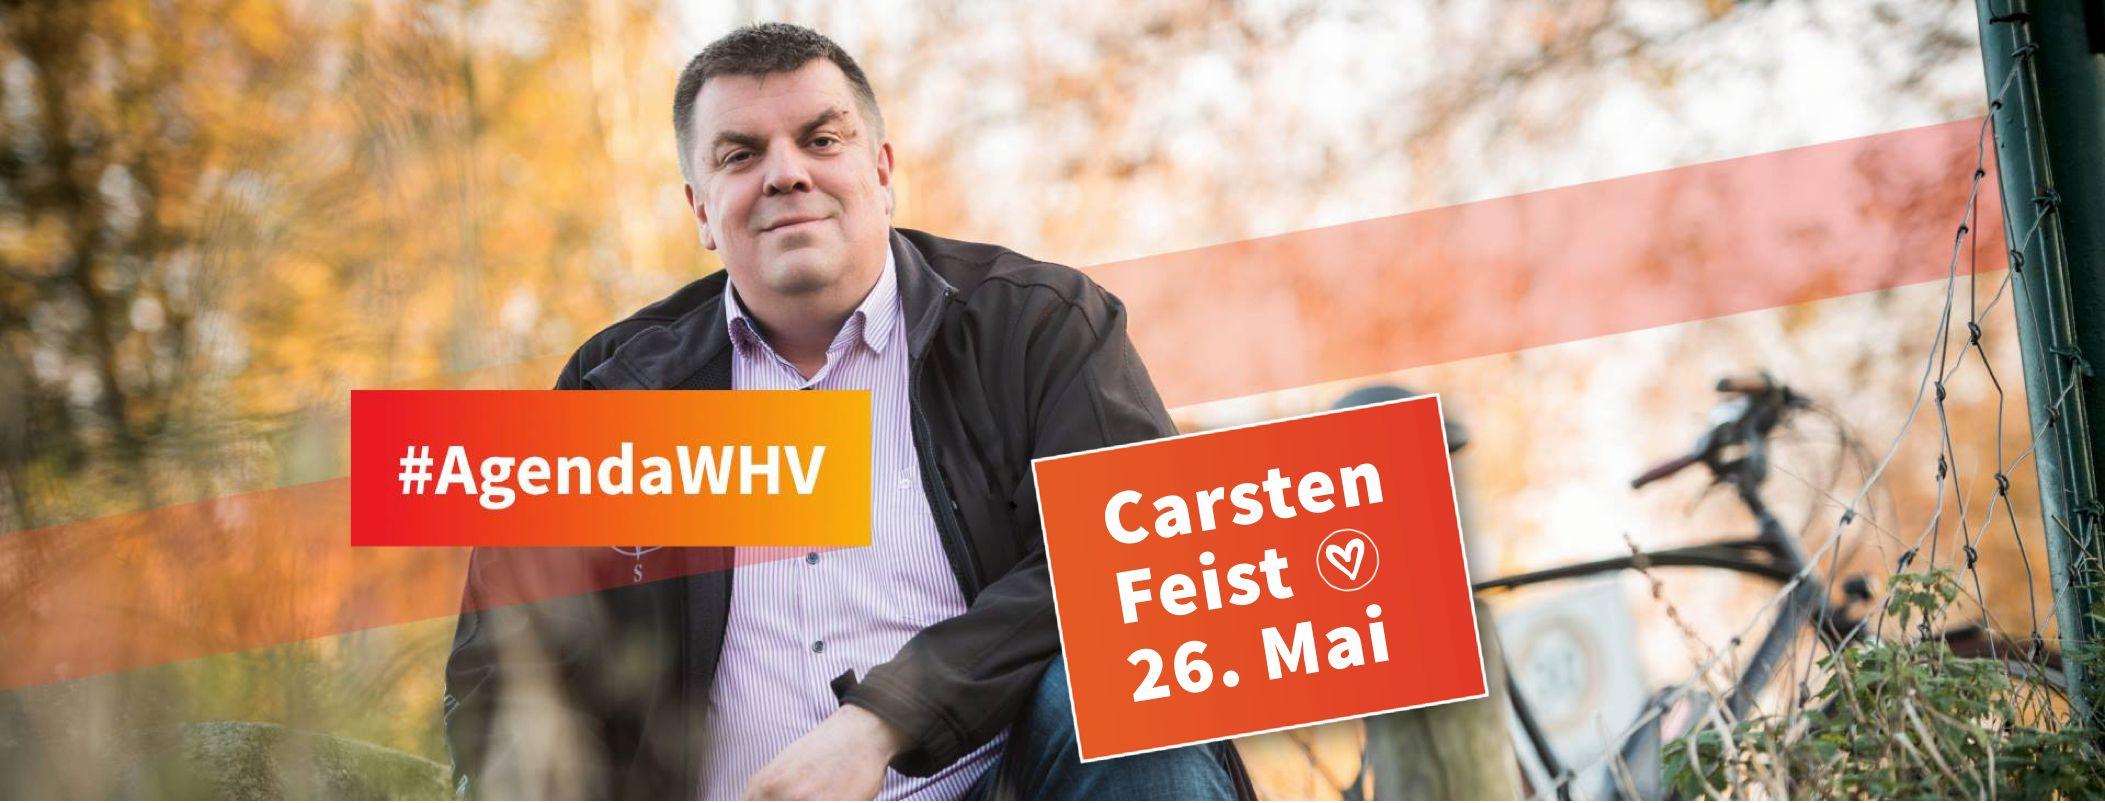 Carsten Feist - AgendaWHV - OB Wahl Wilhelmshaven